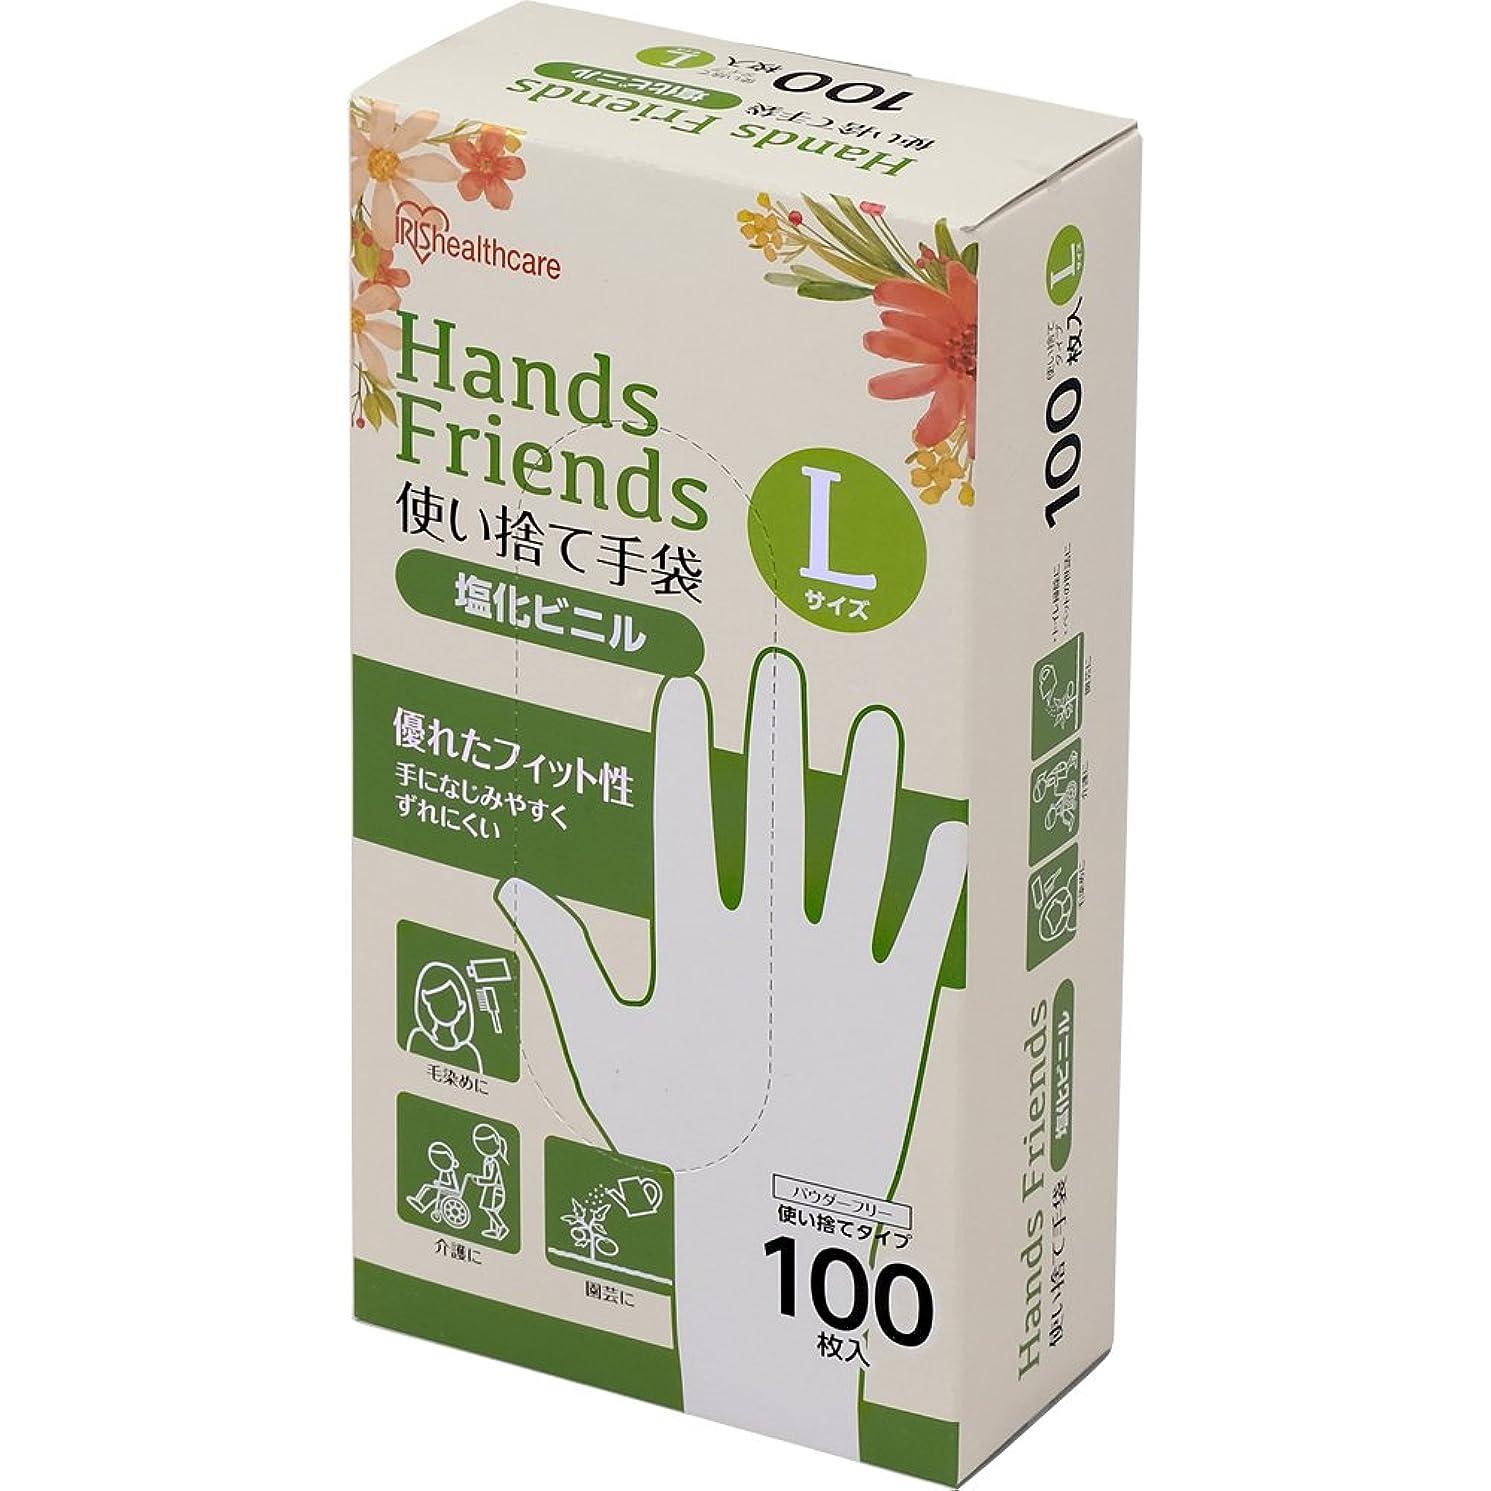 傾向周り肺炎使い捨て手袋 クリア 塩化ビニル 100枚 Lサイズ PVC-100L